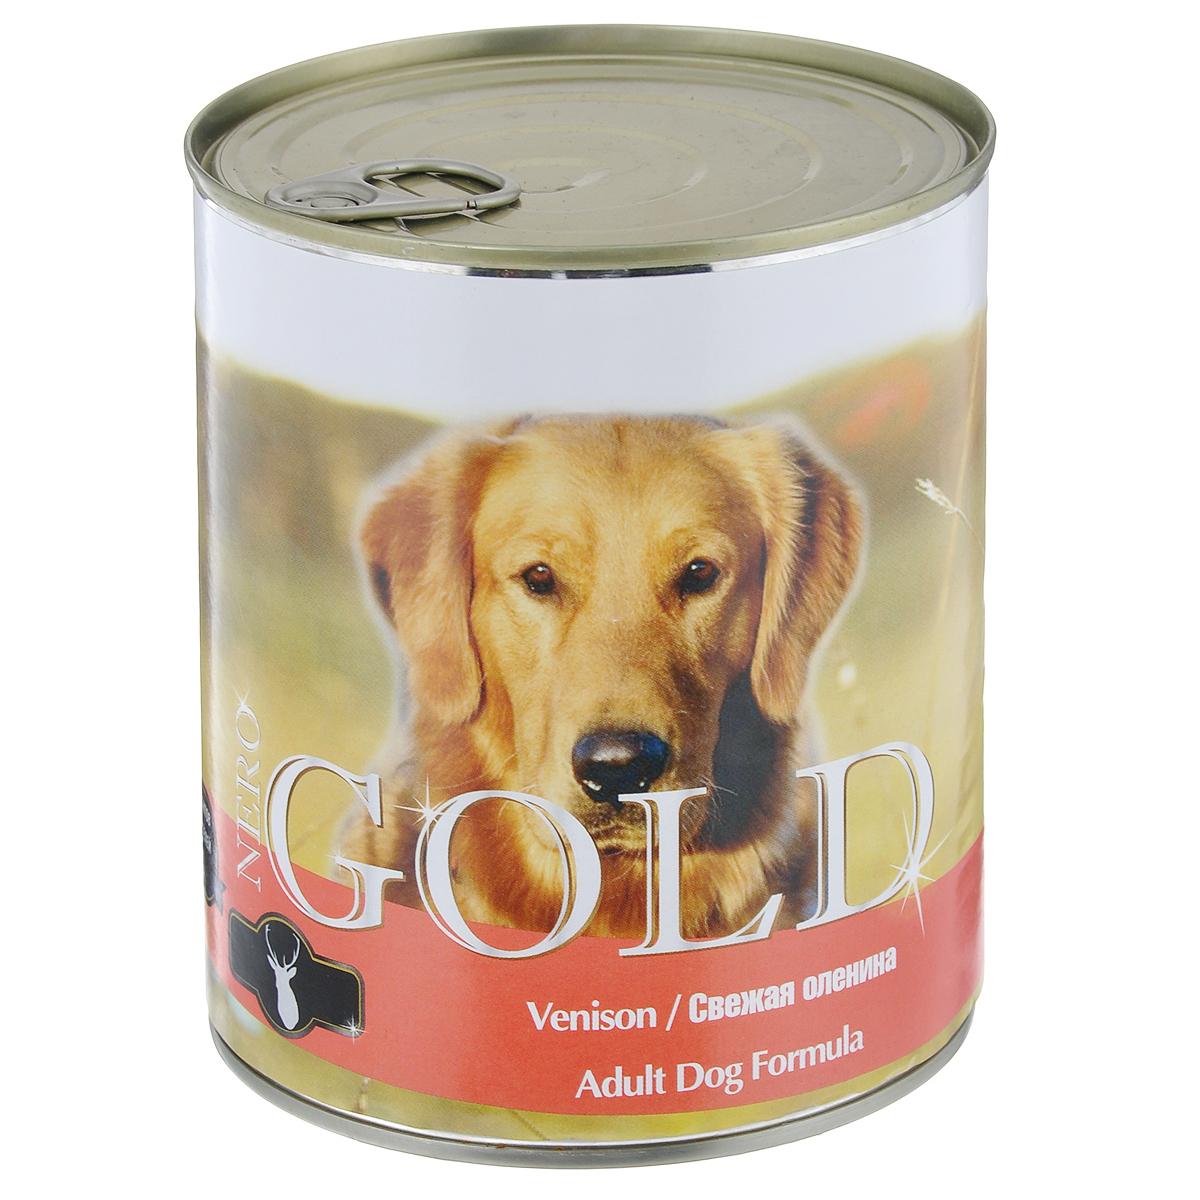 Консервы для собак Nero Gold, с олениной, 810 г10327Консервы для собак Nero Gold - полнорационный продукт, содержащий все необходимые витамины и минералы, сбалансированный для поддержания оптимального здоровья вашего питомца! Состав: мясо и его производные, филе курицы, оленина, злаки, витамины и минералы. Гарантированный анализ: белки 6,5%, жиры 4,5%, клетчатка 0,5%, зола 2%, влага 81%. Пищевые добавки на 1 кг продукта: витамин А 1600 МЕ, витамин D 140 МЕ, витамин Е 10 МЕ, железо 24 мг, марганец 6 мг, цинк 15 мг, медь 1 мг, магний 200 мг, йод 0,3 мг, селен 0,2 мг. Вес: 810 г. Товар сертифицирован.